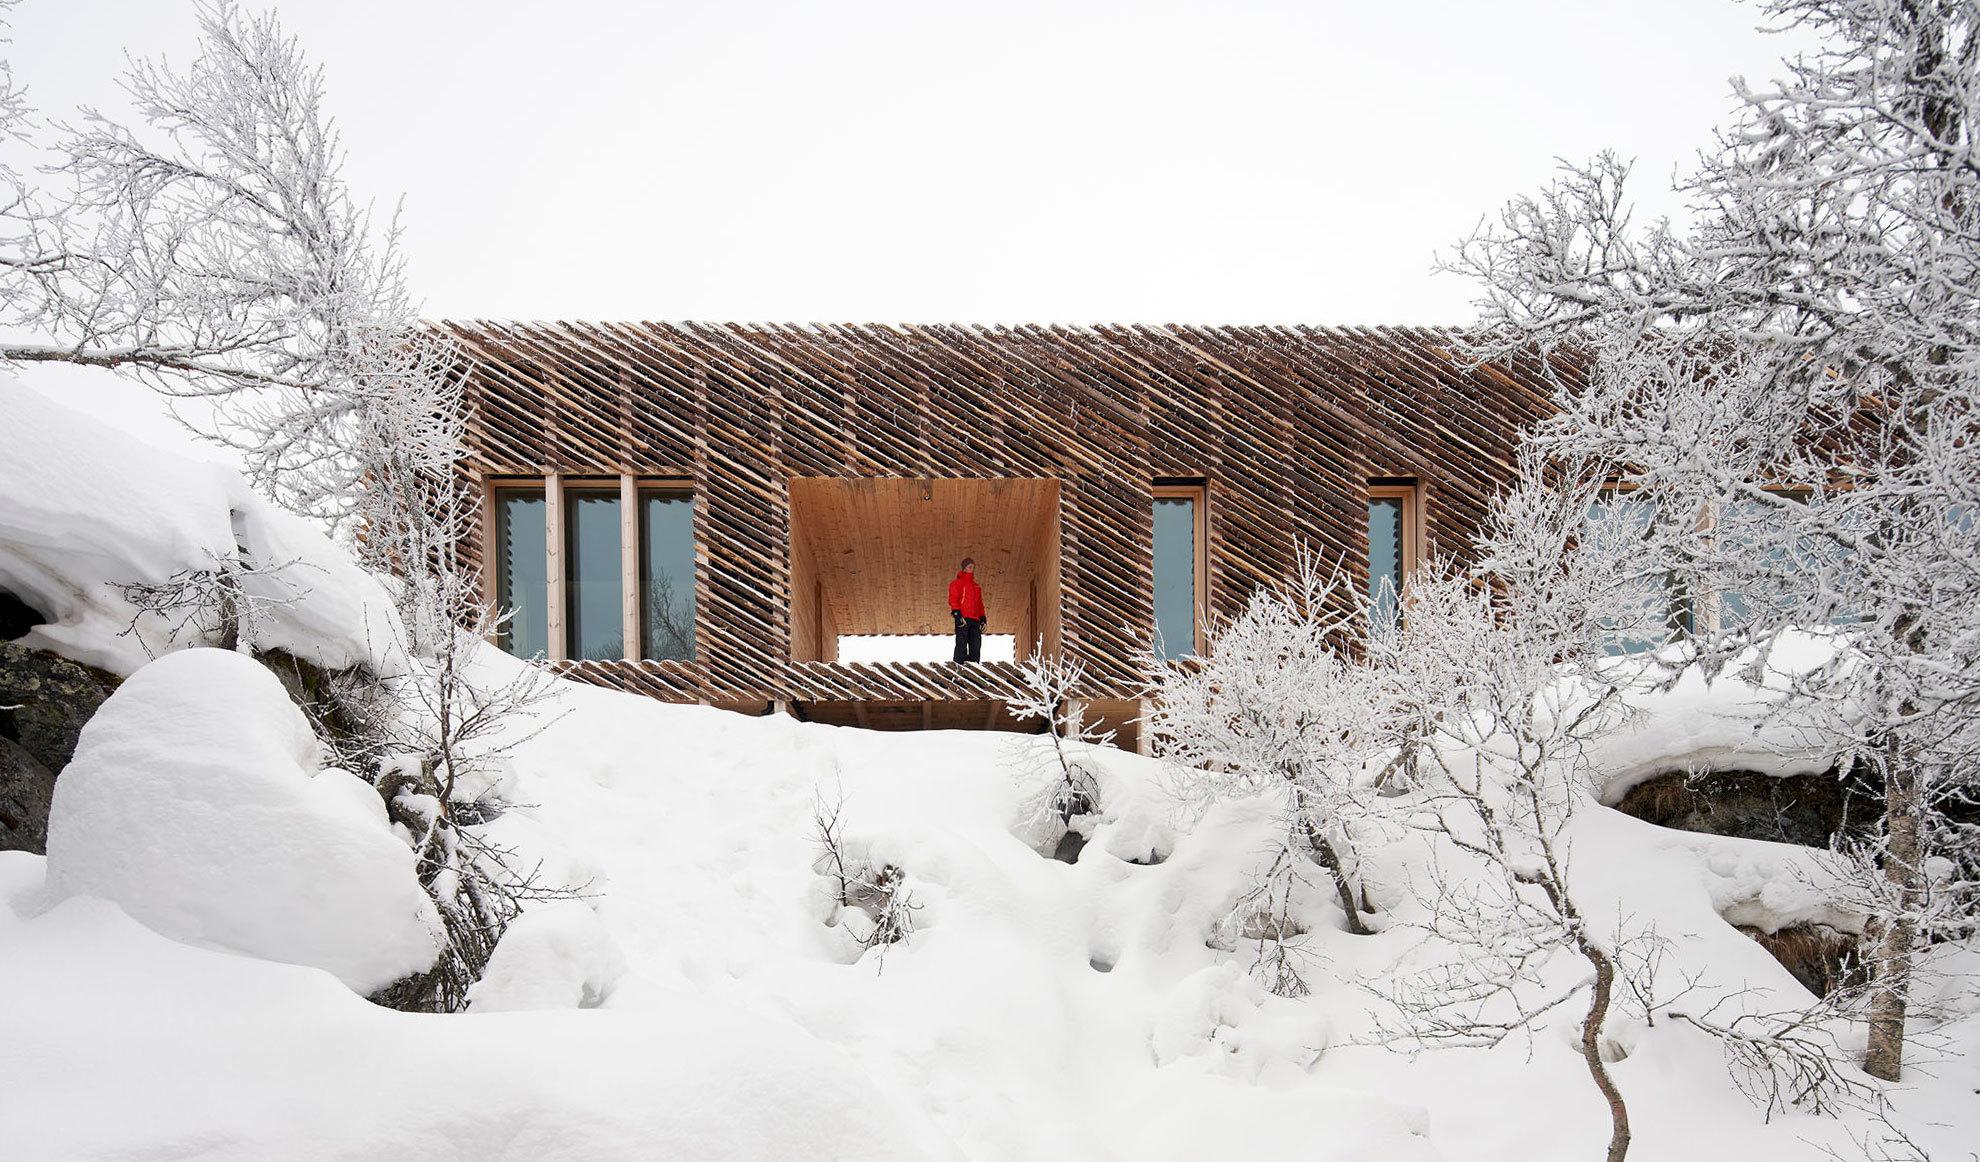 Das Architekturbüro Mork-Ulnes hat eine hölzerne Hütte in den Bergen Norwegens errichtet, die auf Pfeilern über dem Boden schwebt. In den Sommermonaten werden die Bewohner von Schafen und Kühen begrüßt. Im Winter beginnt der Skilauf direkt vor der Haustür.